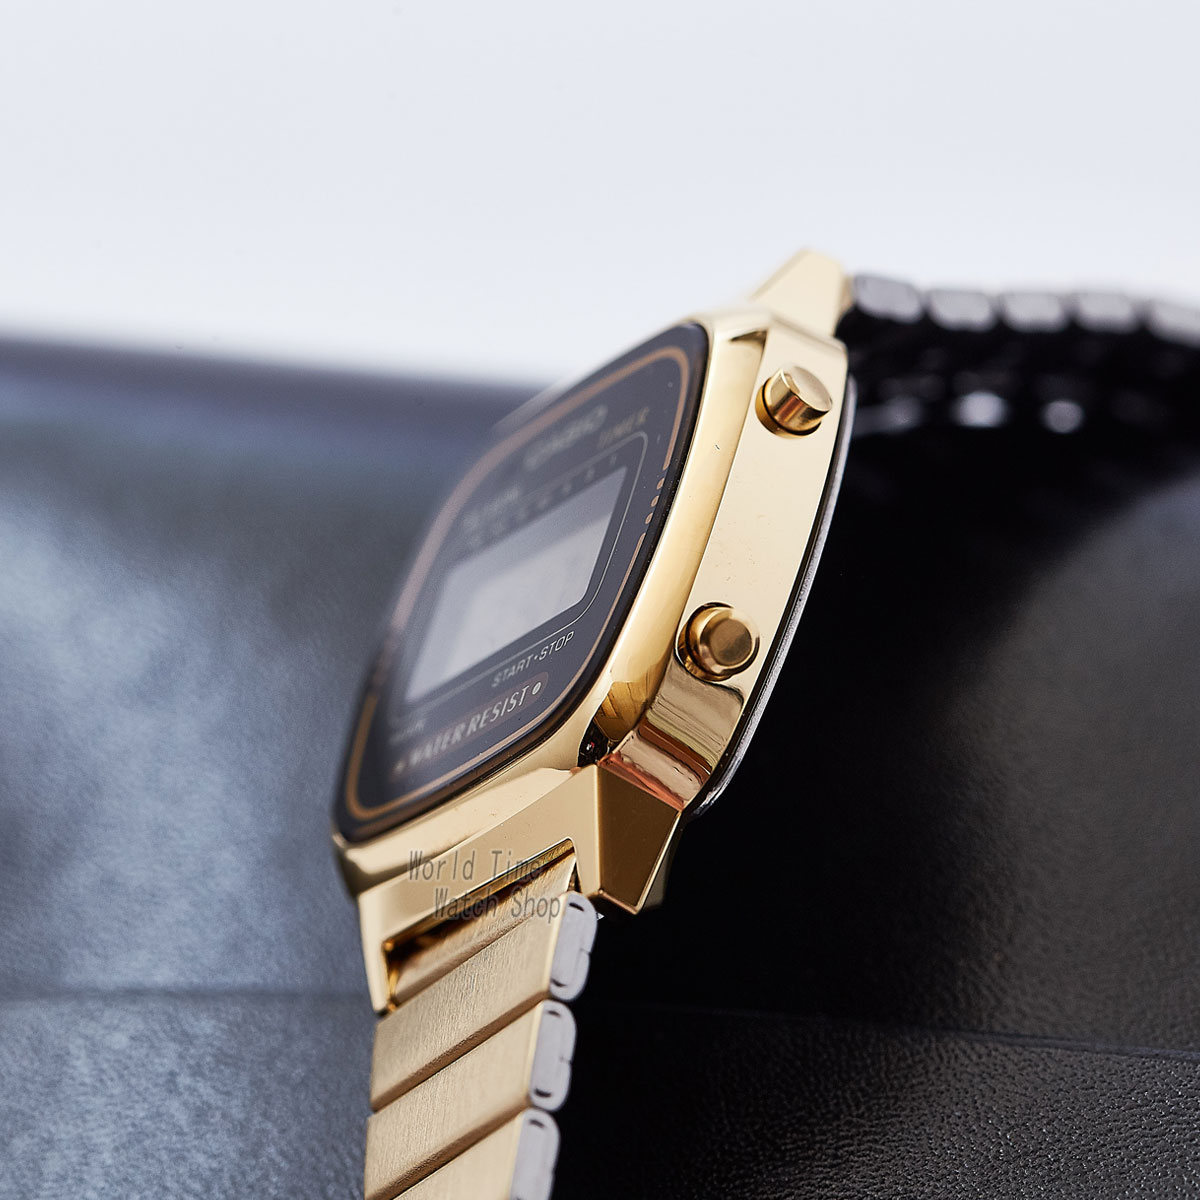 Reloj Casio de oro para mujer Relojes de primeras marcas de lujo Reloj de cuarzo impermeable para mujer Reloj digital LED para mujer Reloj deportivo relogio feminino montre homme bayan kol saati zegarek damski LA680W - 2